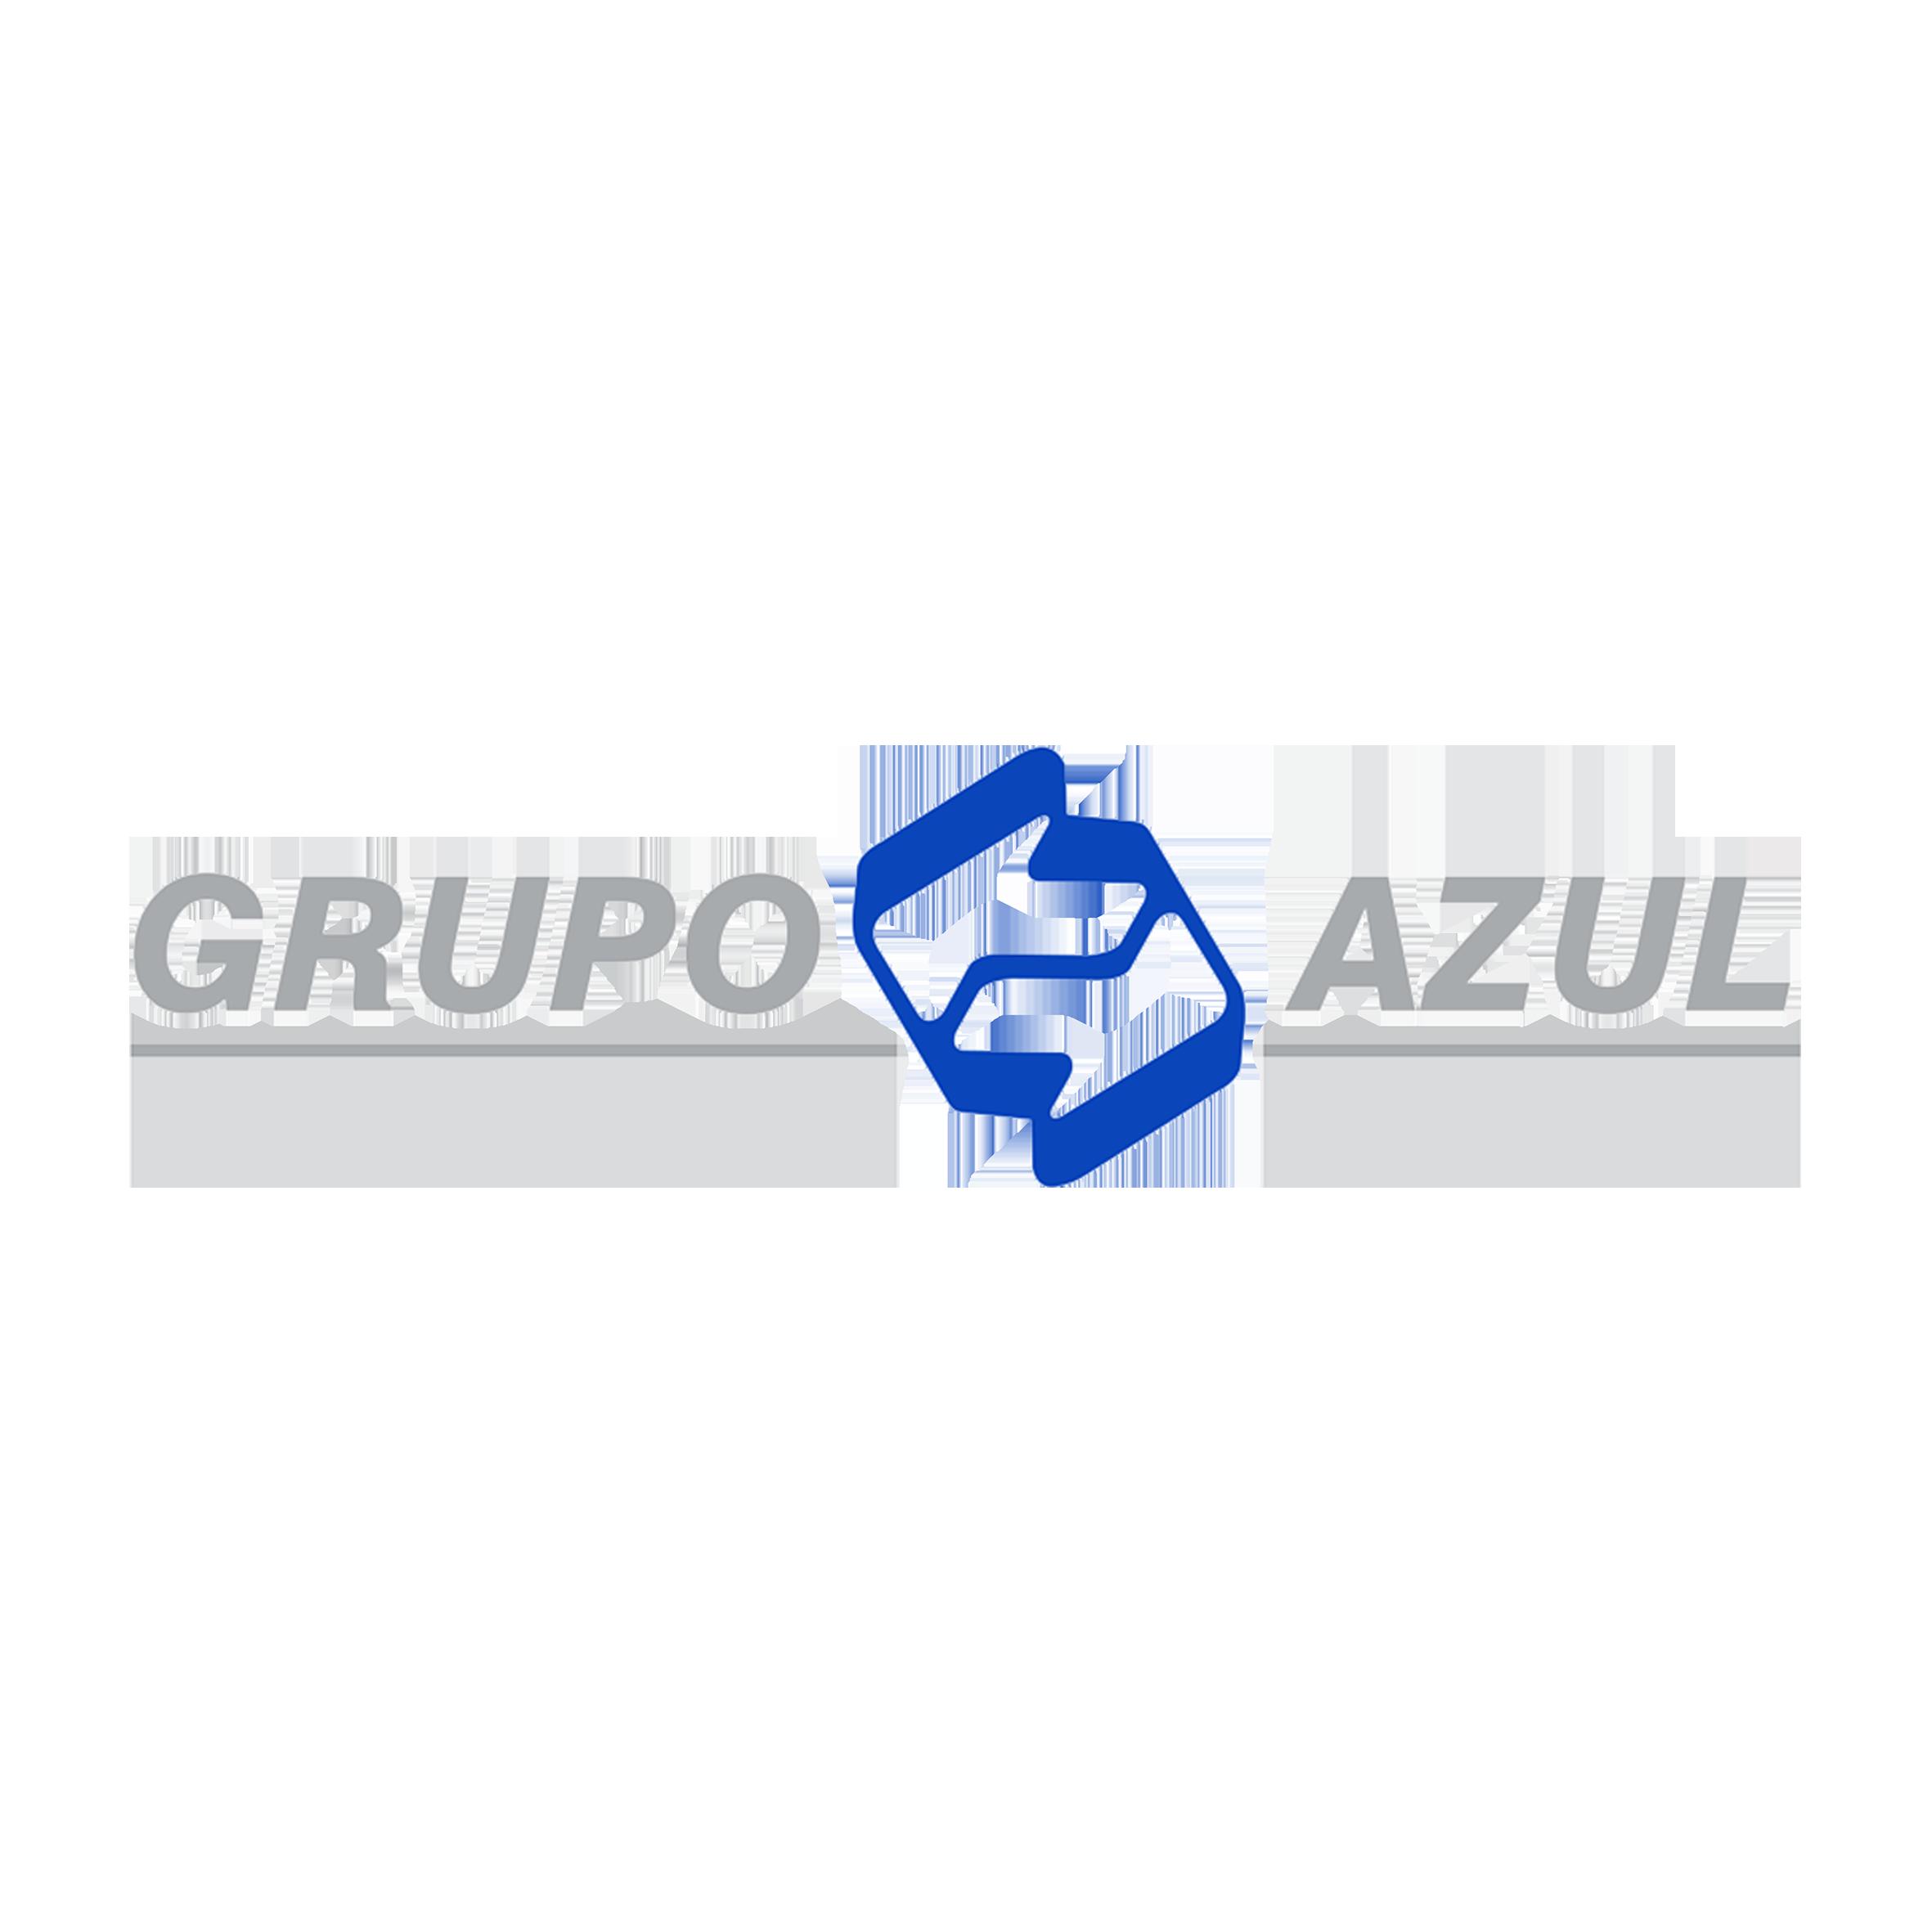 Grupo Azul